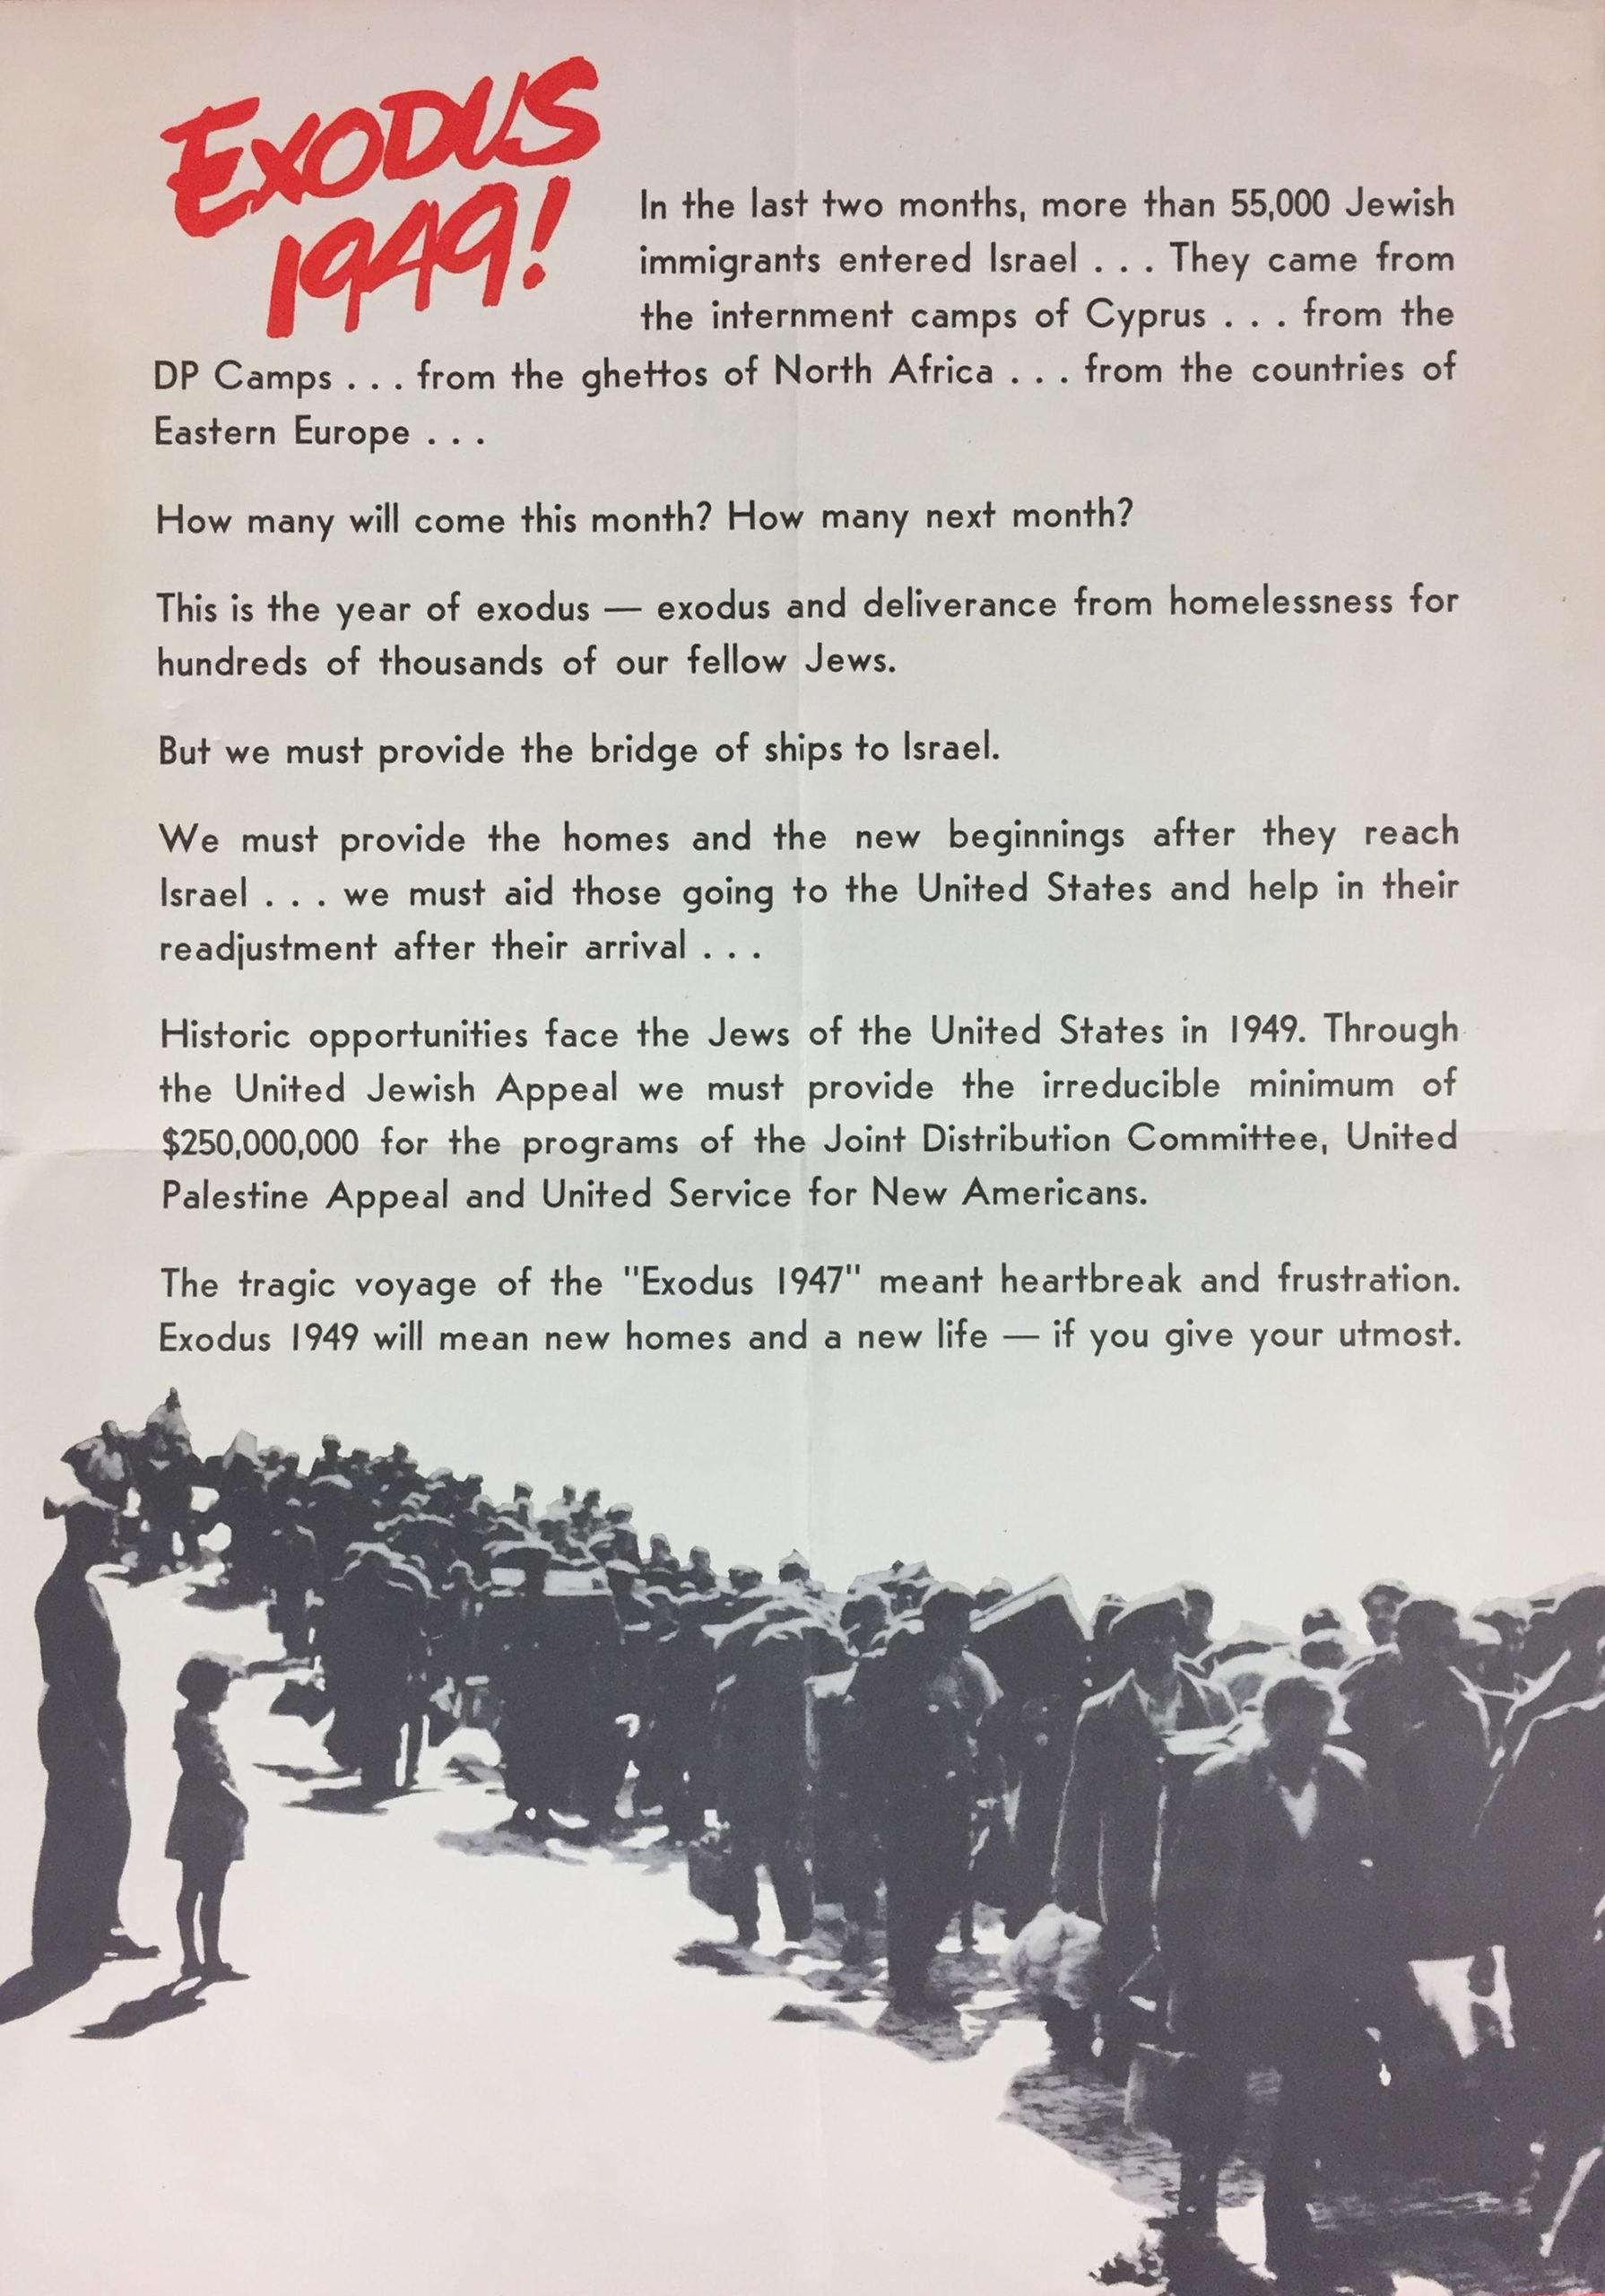 1949 image